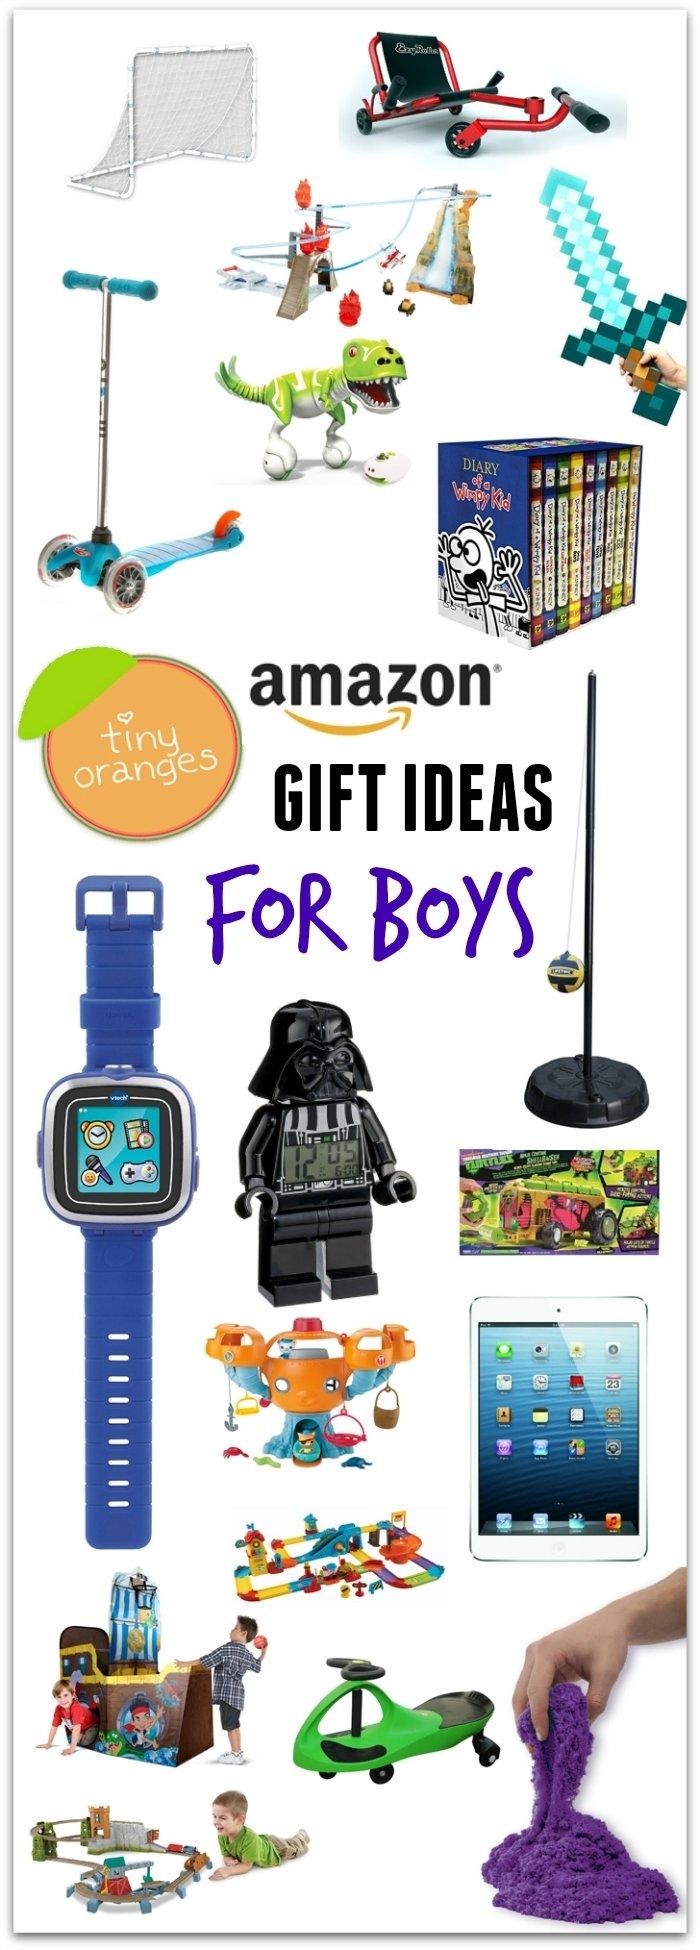 10 Gorgeous Gift Ideas For Little Boys amazon holiday gift ideas for little boys 2020